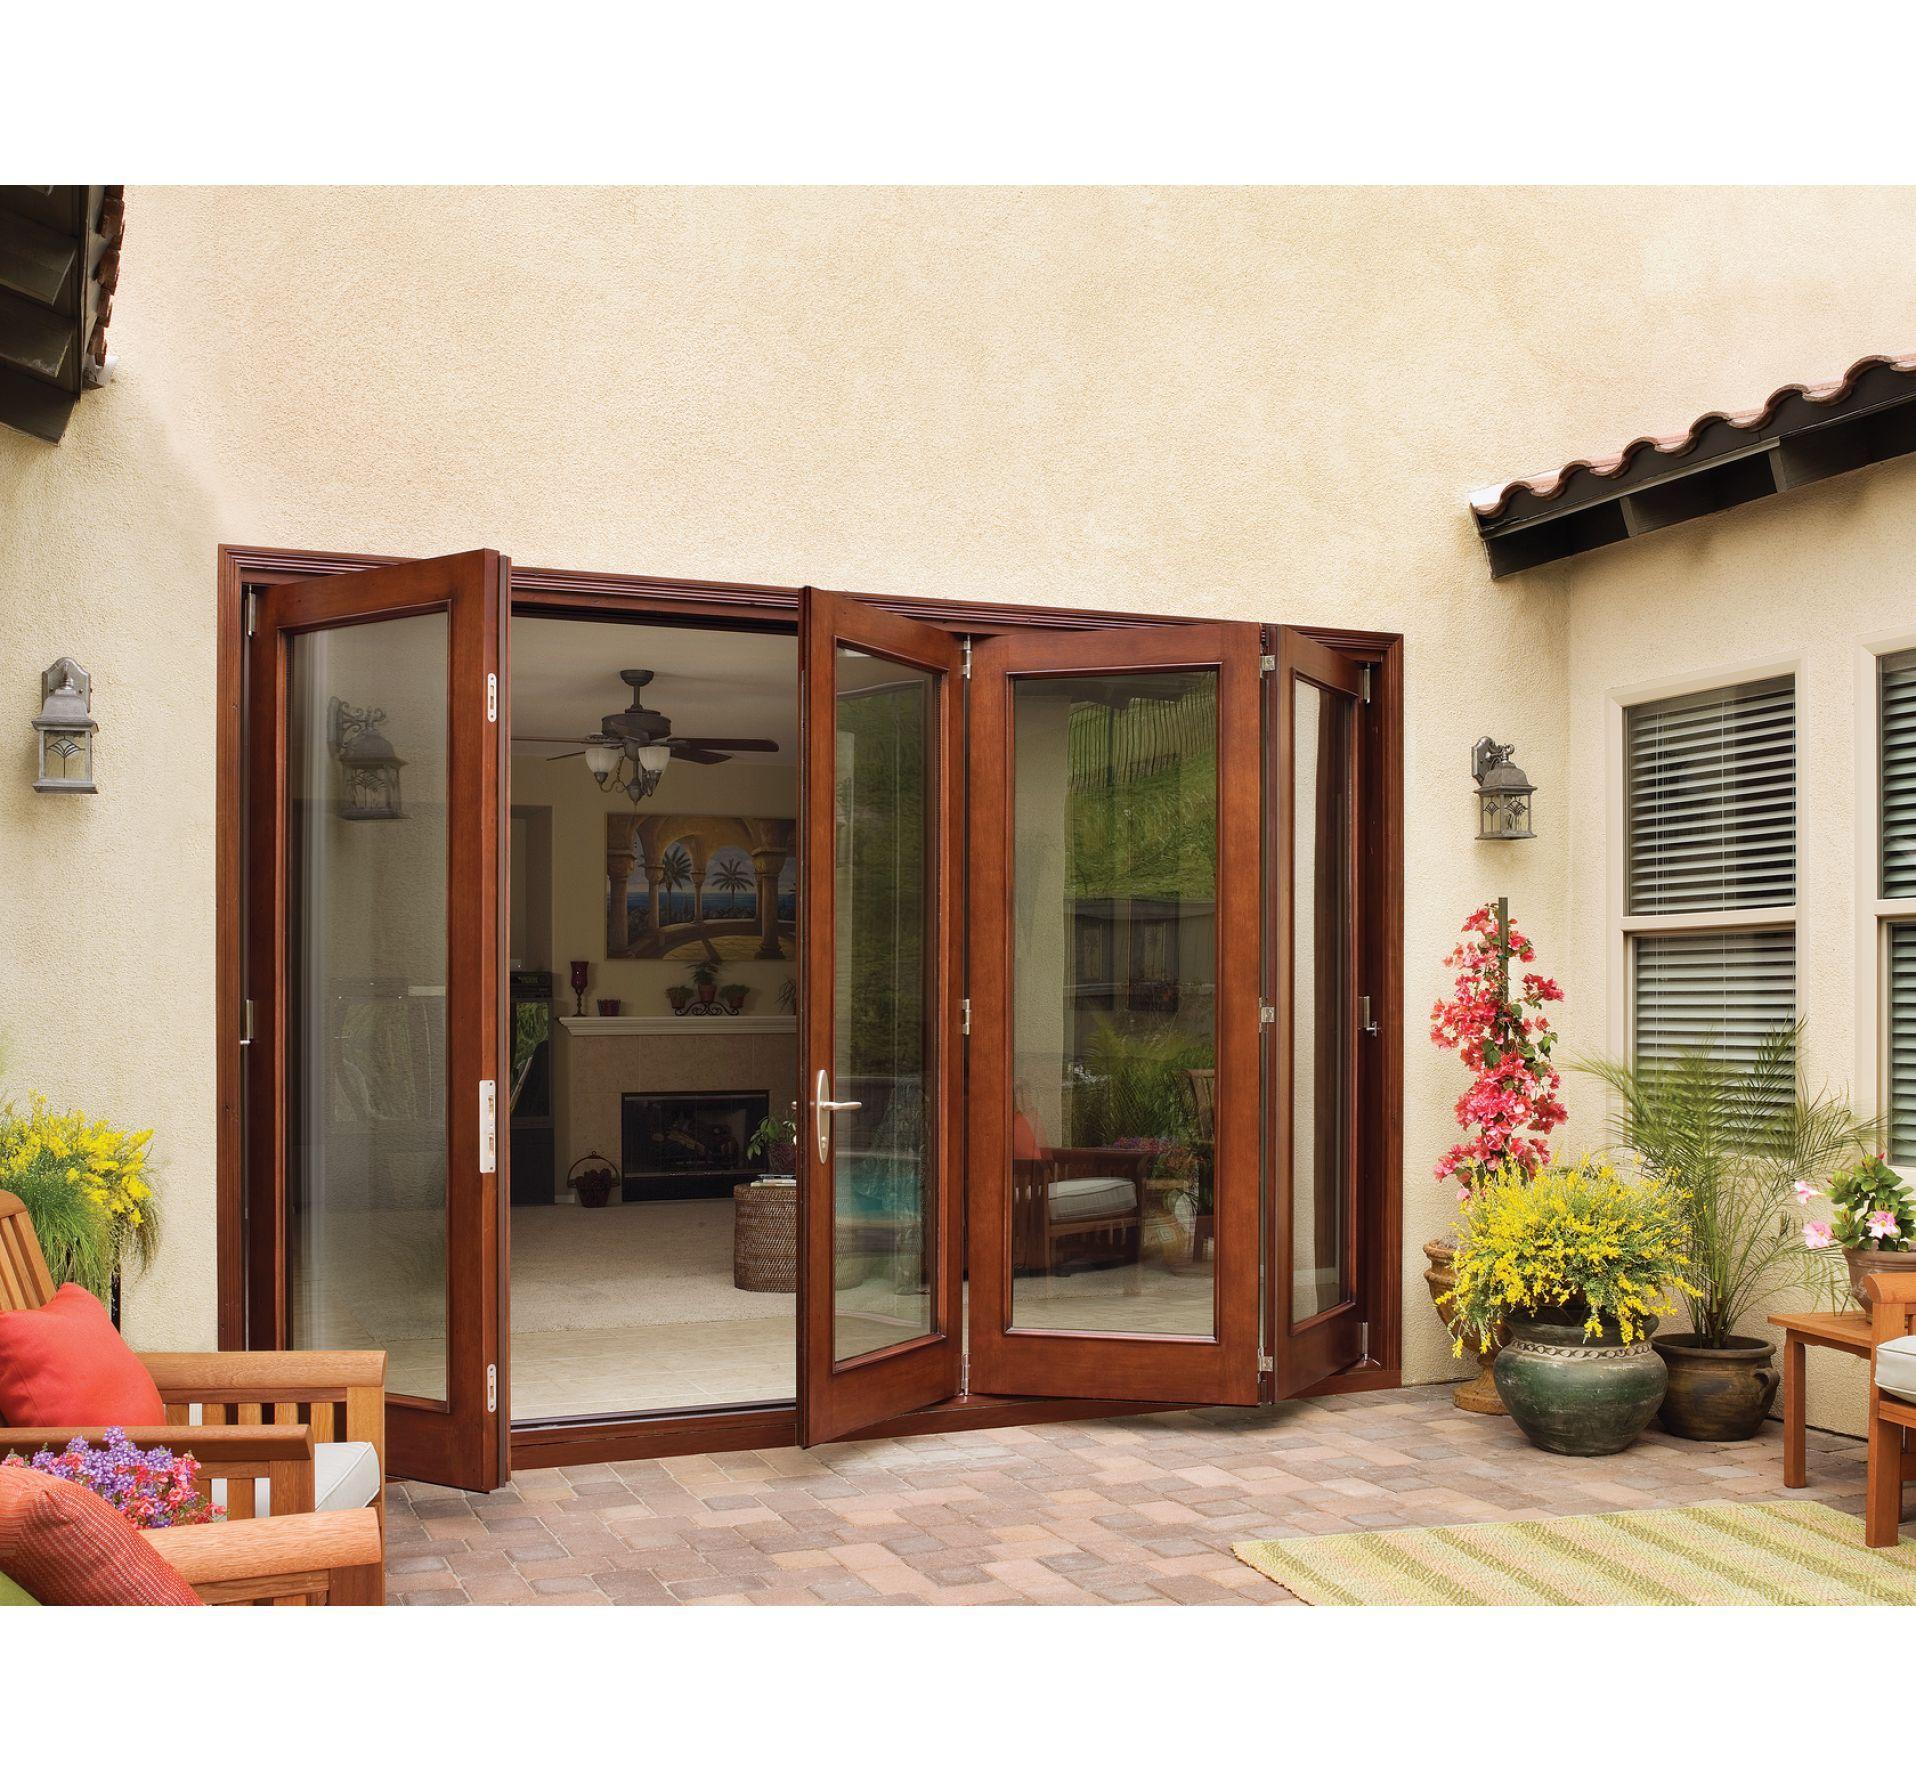 Aurora Custom Fiberglass Jeld Wen Doors Windows Back Patio Door Folding Patio Doors Exterior Doors Patio Doors